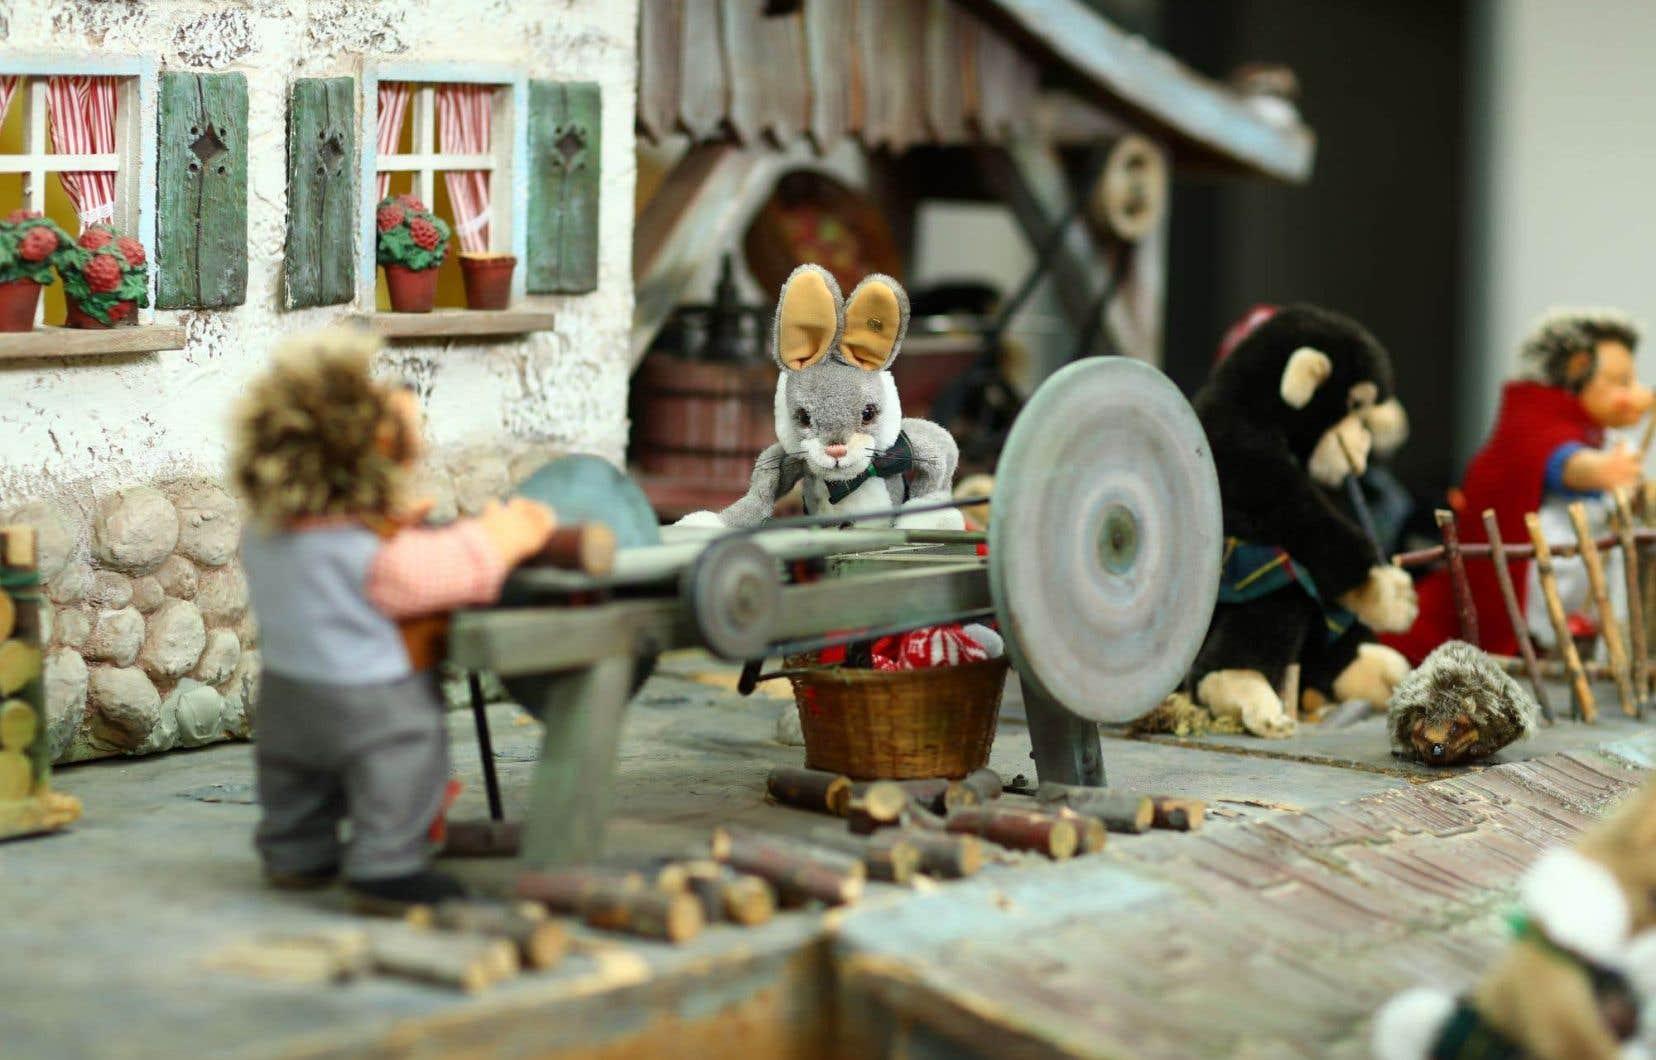 En 2018, la maison Ogilvy a légué ses traditionnels personnages mécaniques des vitrines des Fêtes au Musée McCord.